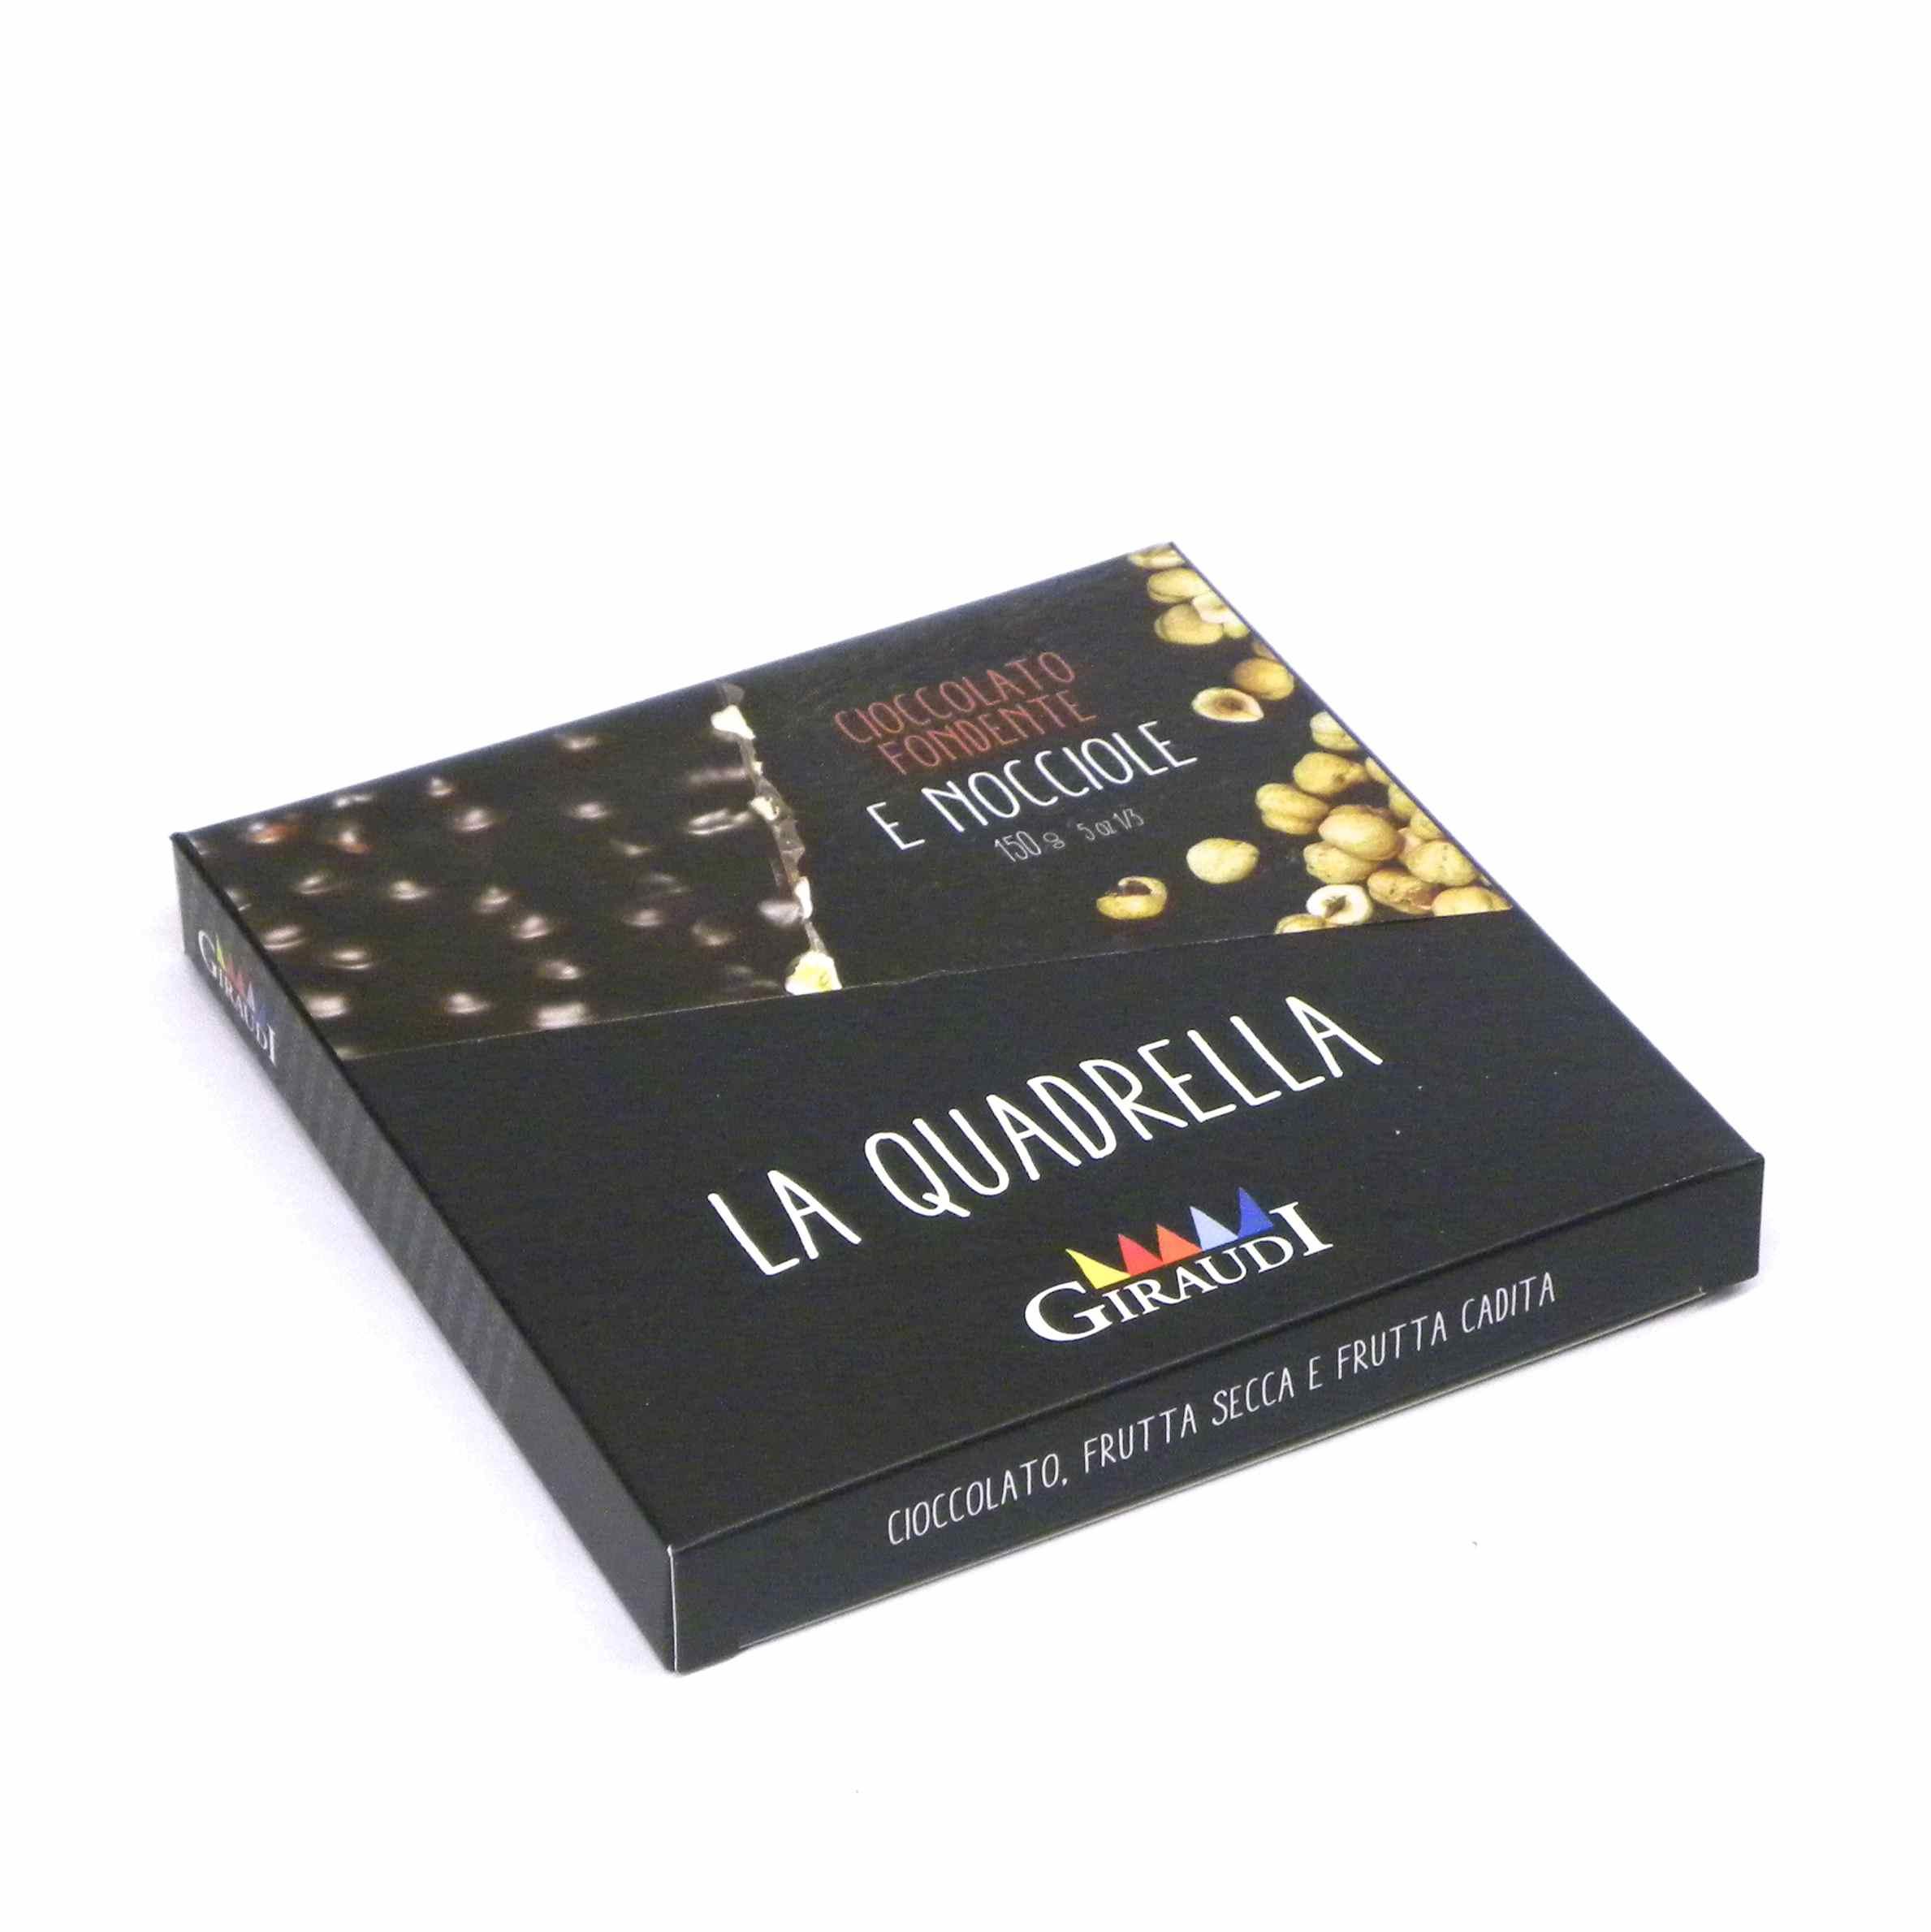 Giraudi quadrella nocciole cioccolato fondente – Giraudi quadrella dark chocolate hazelnuts – Gustorotondo – Italian food boutique